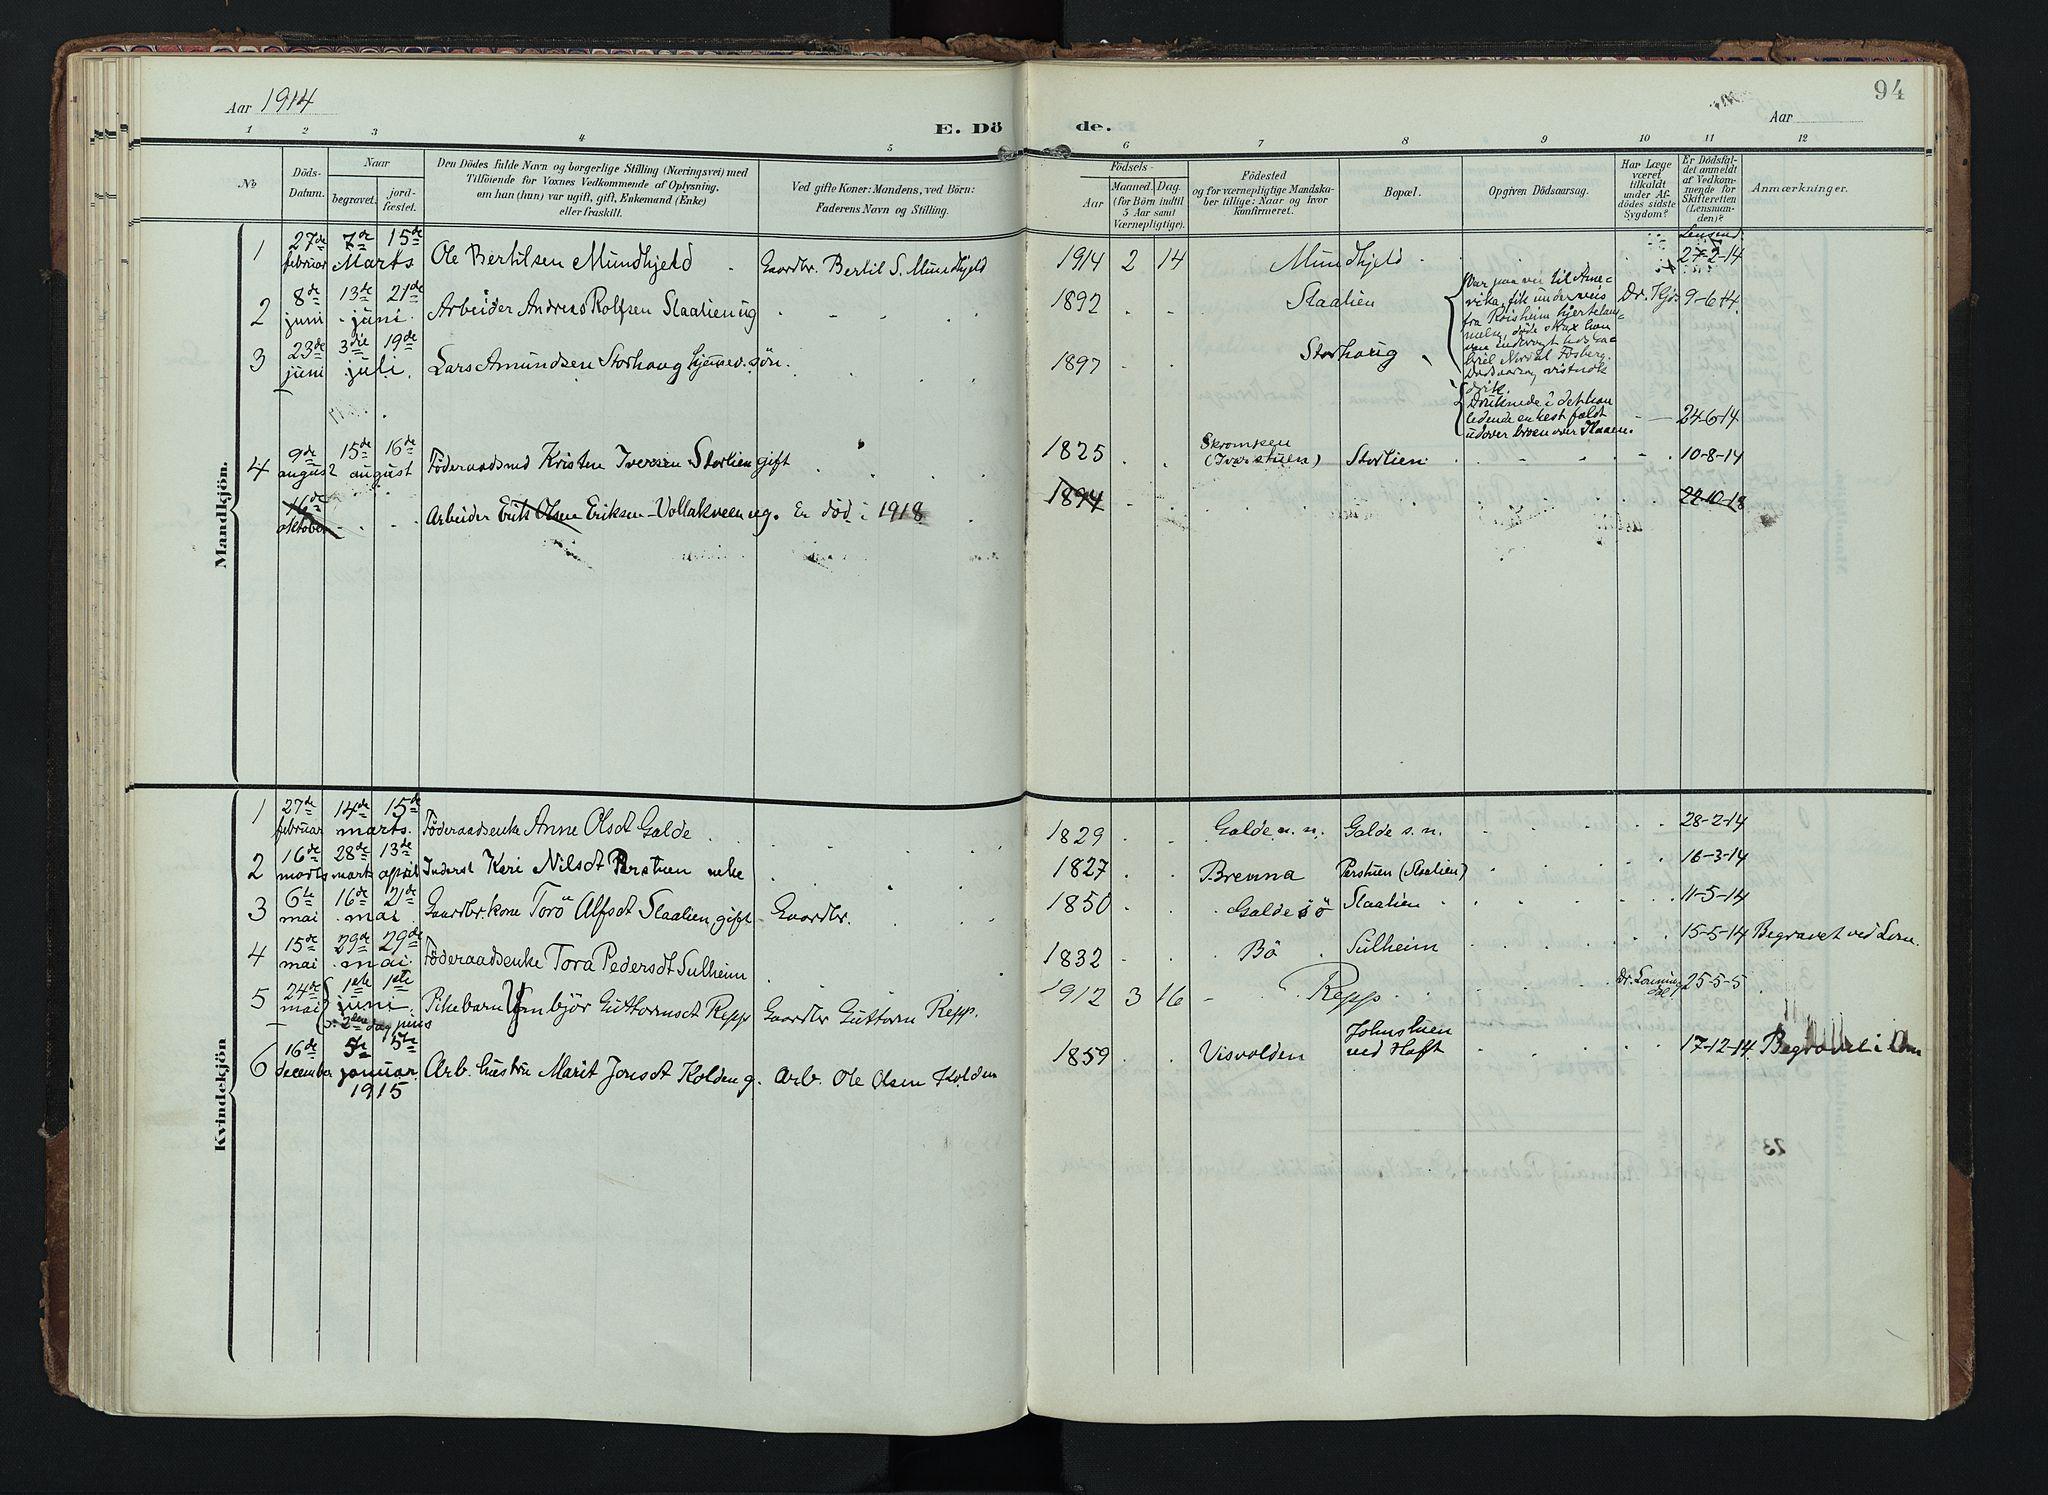 SAH, Lom prestekontor, K/L0012: Ministerialbok nr. 12, 1904-1928, s. 94